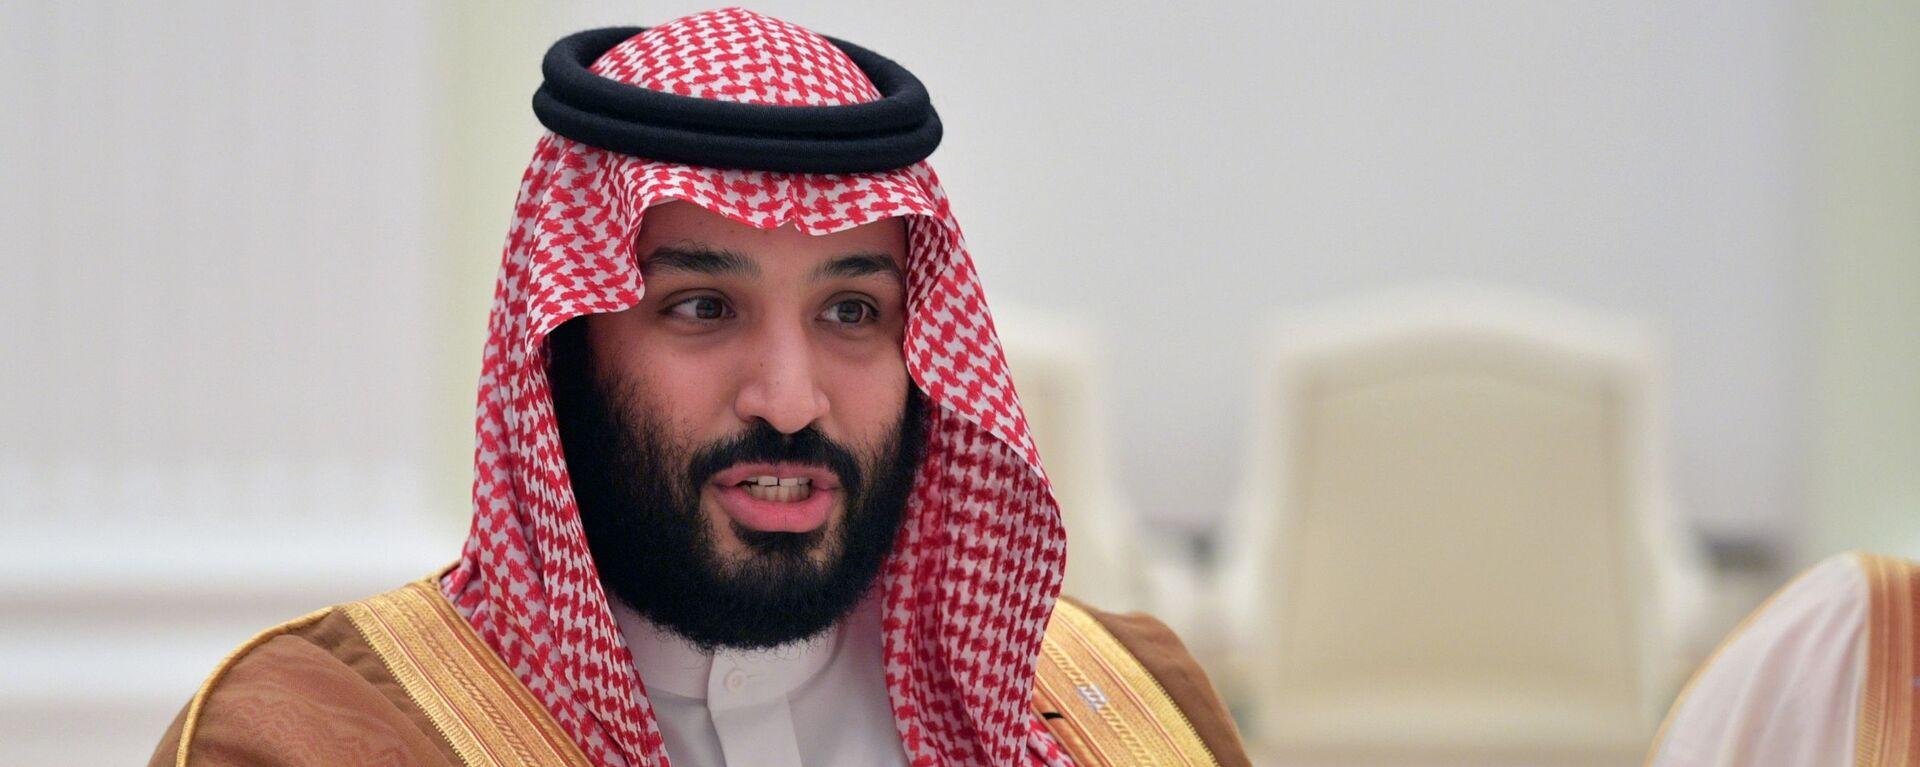 Принц Саудовской Аравии М. ибн Салман Аль Сауд - Sputnik Тоҷикистон, 1920, 30.04.2021